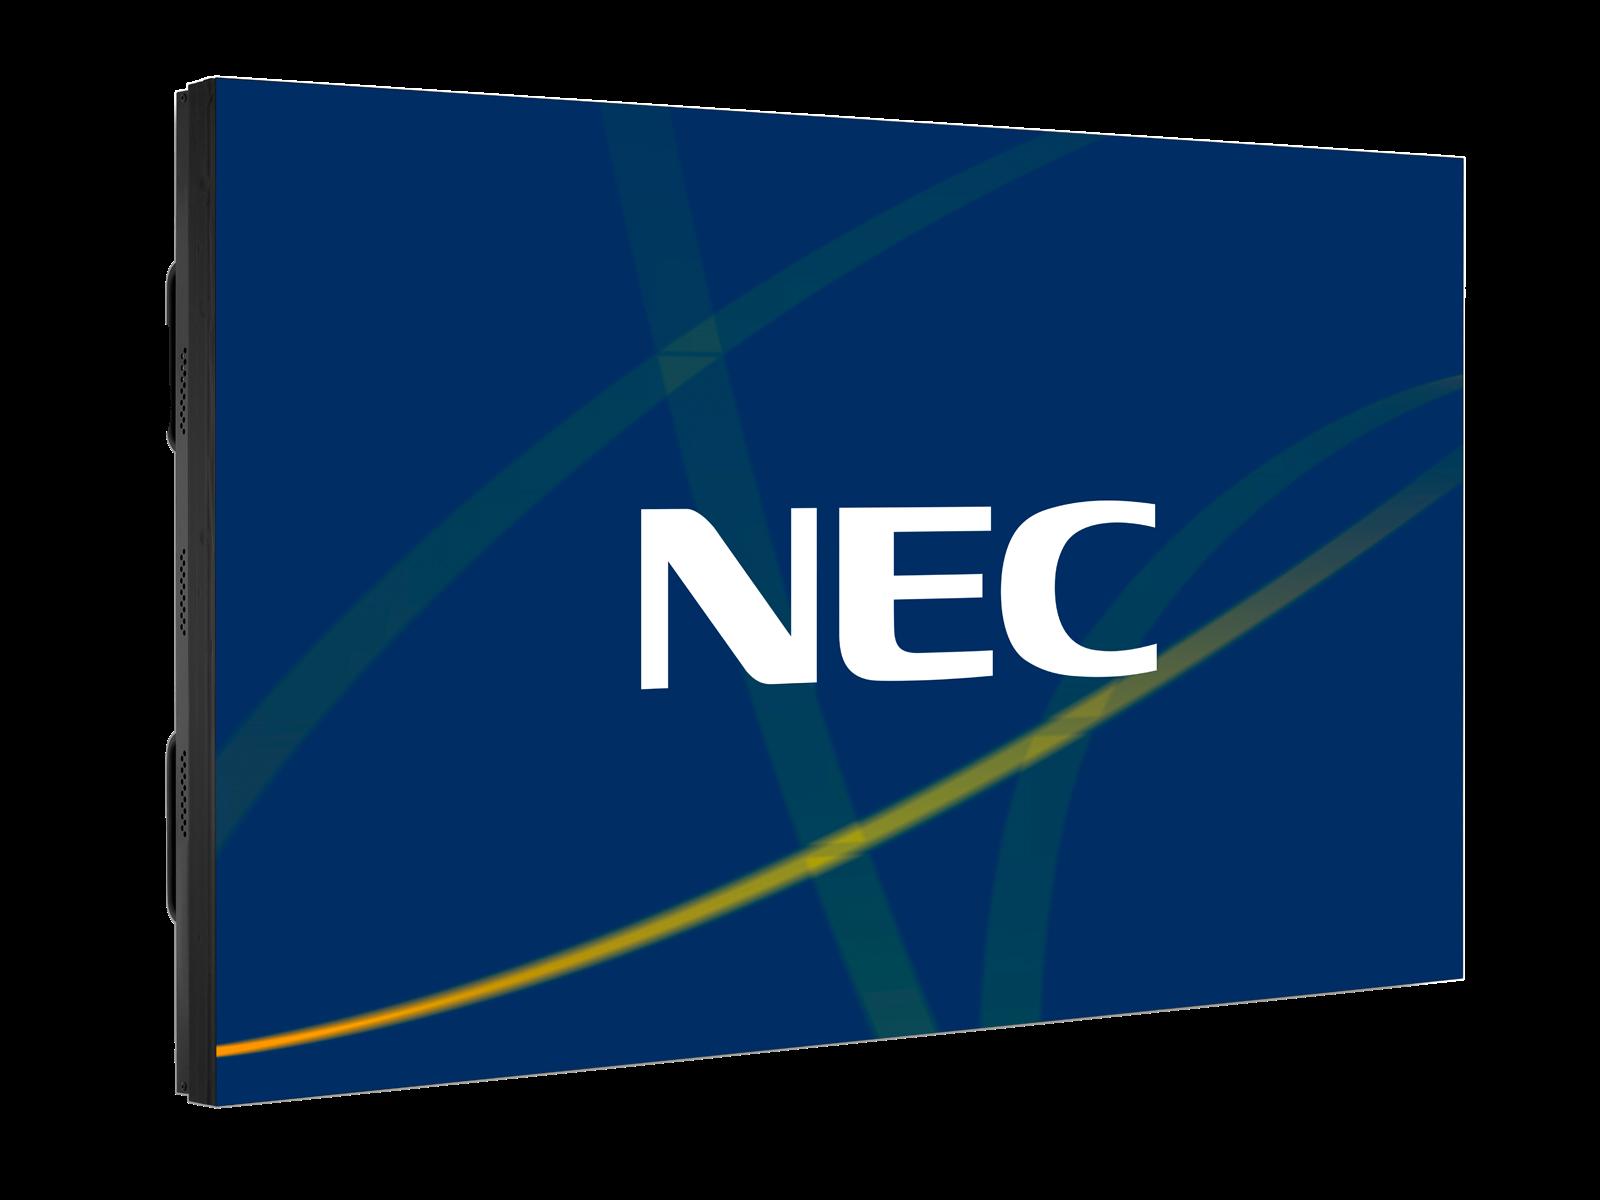 NEC_UN552S_UN552VS_RT_1600x1200-2